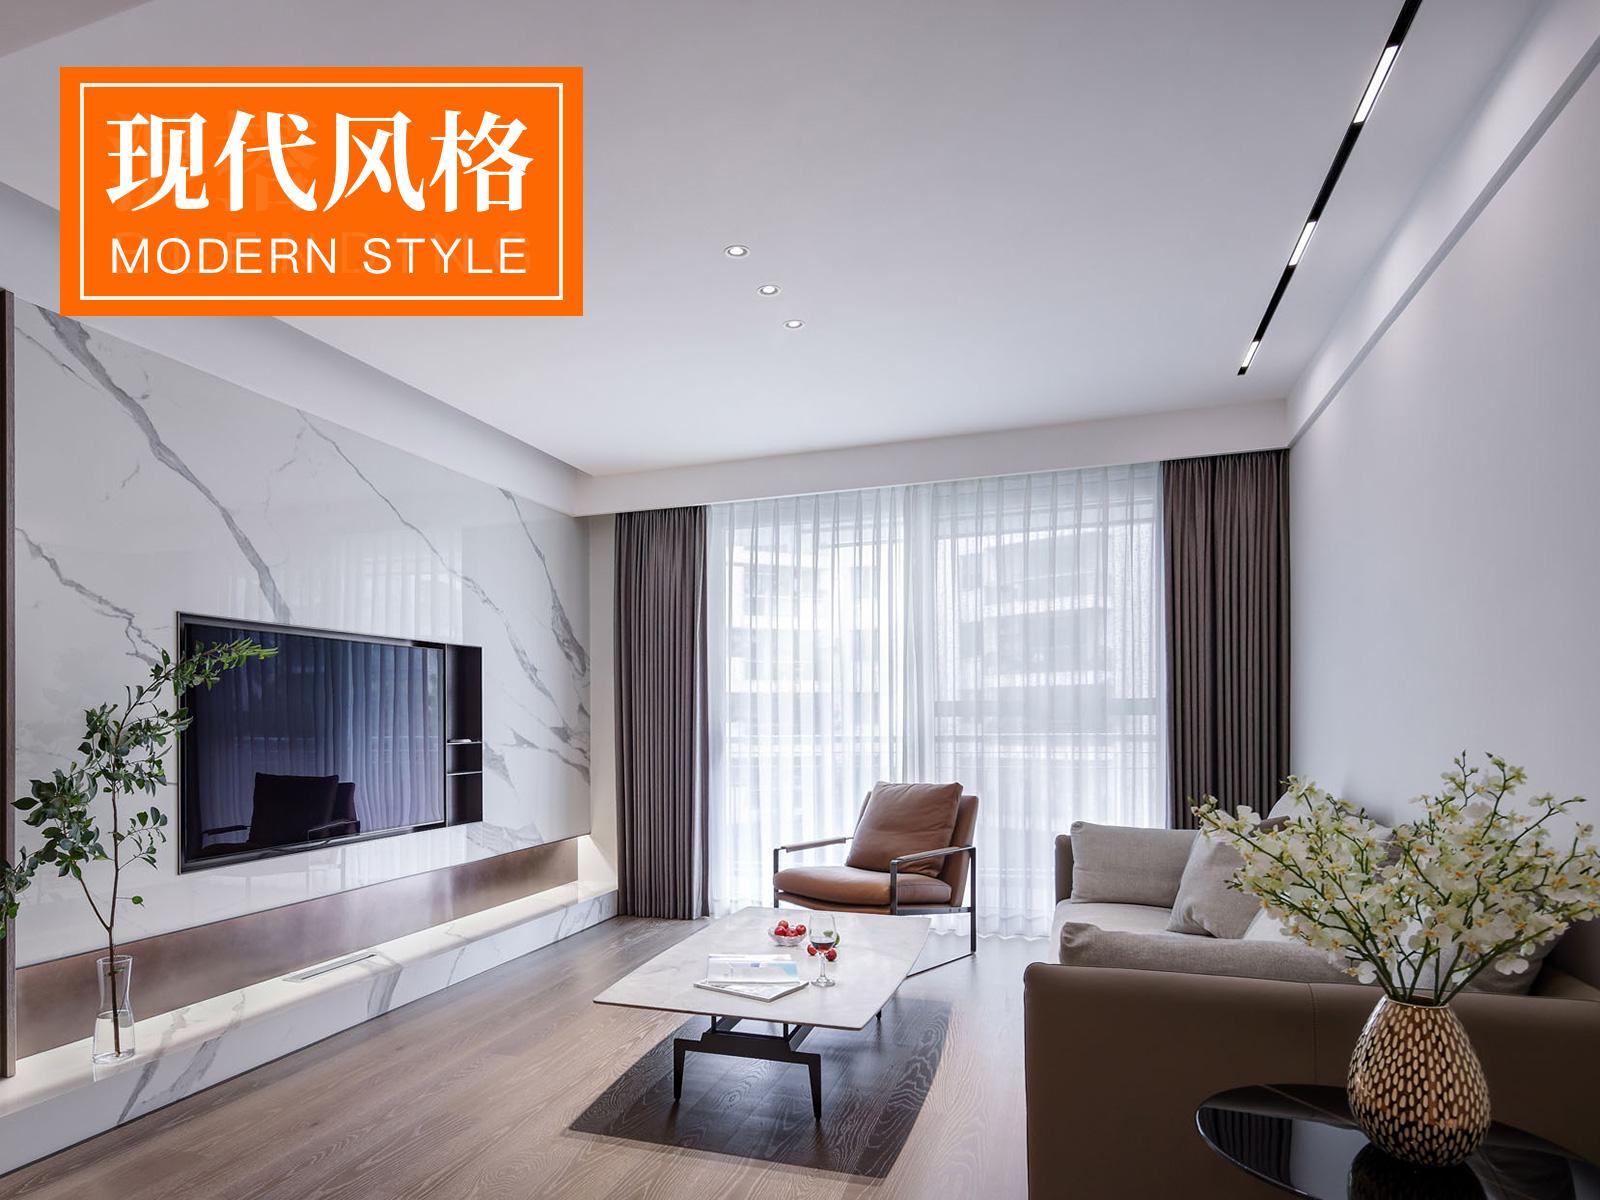 【乐尚原创设计】金科世界城108平米现代风格